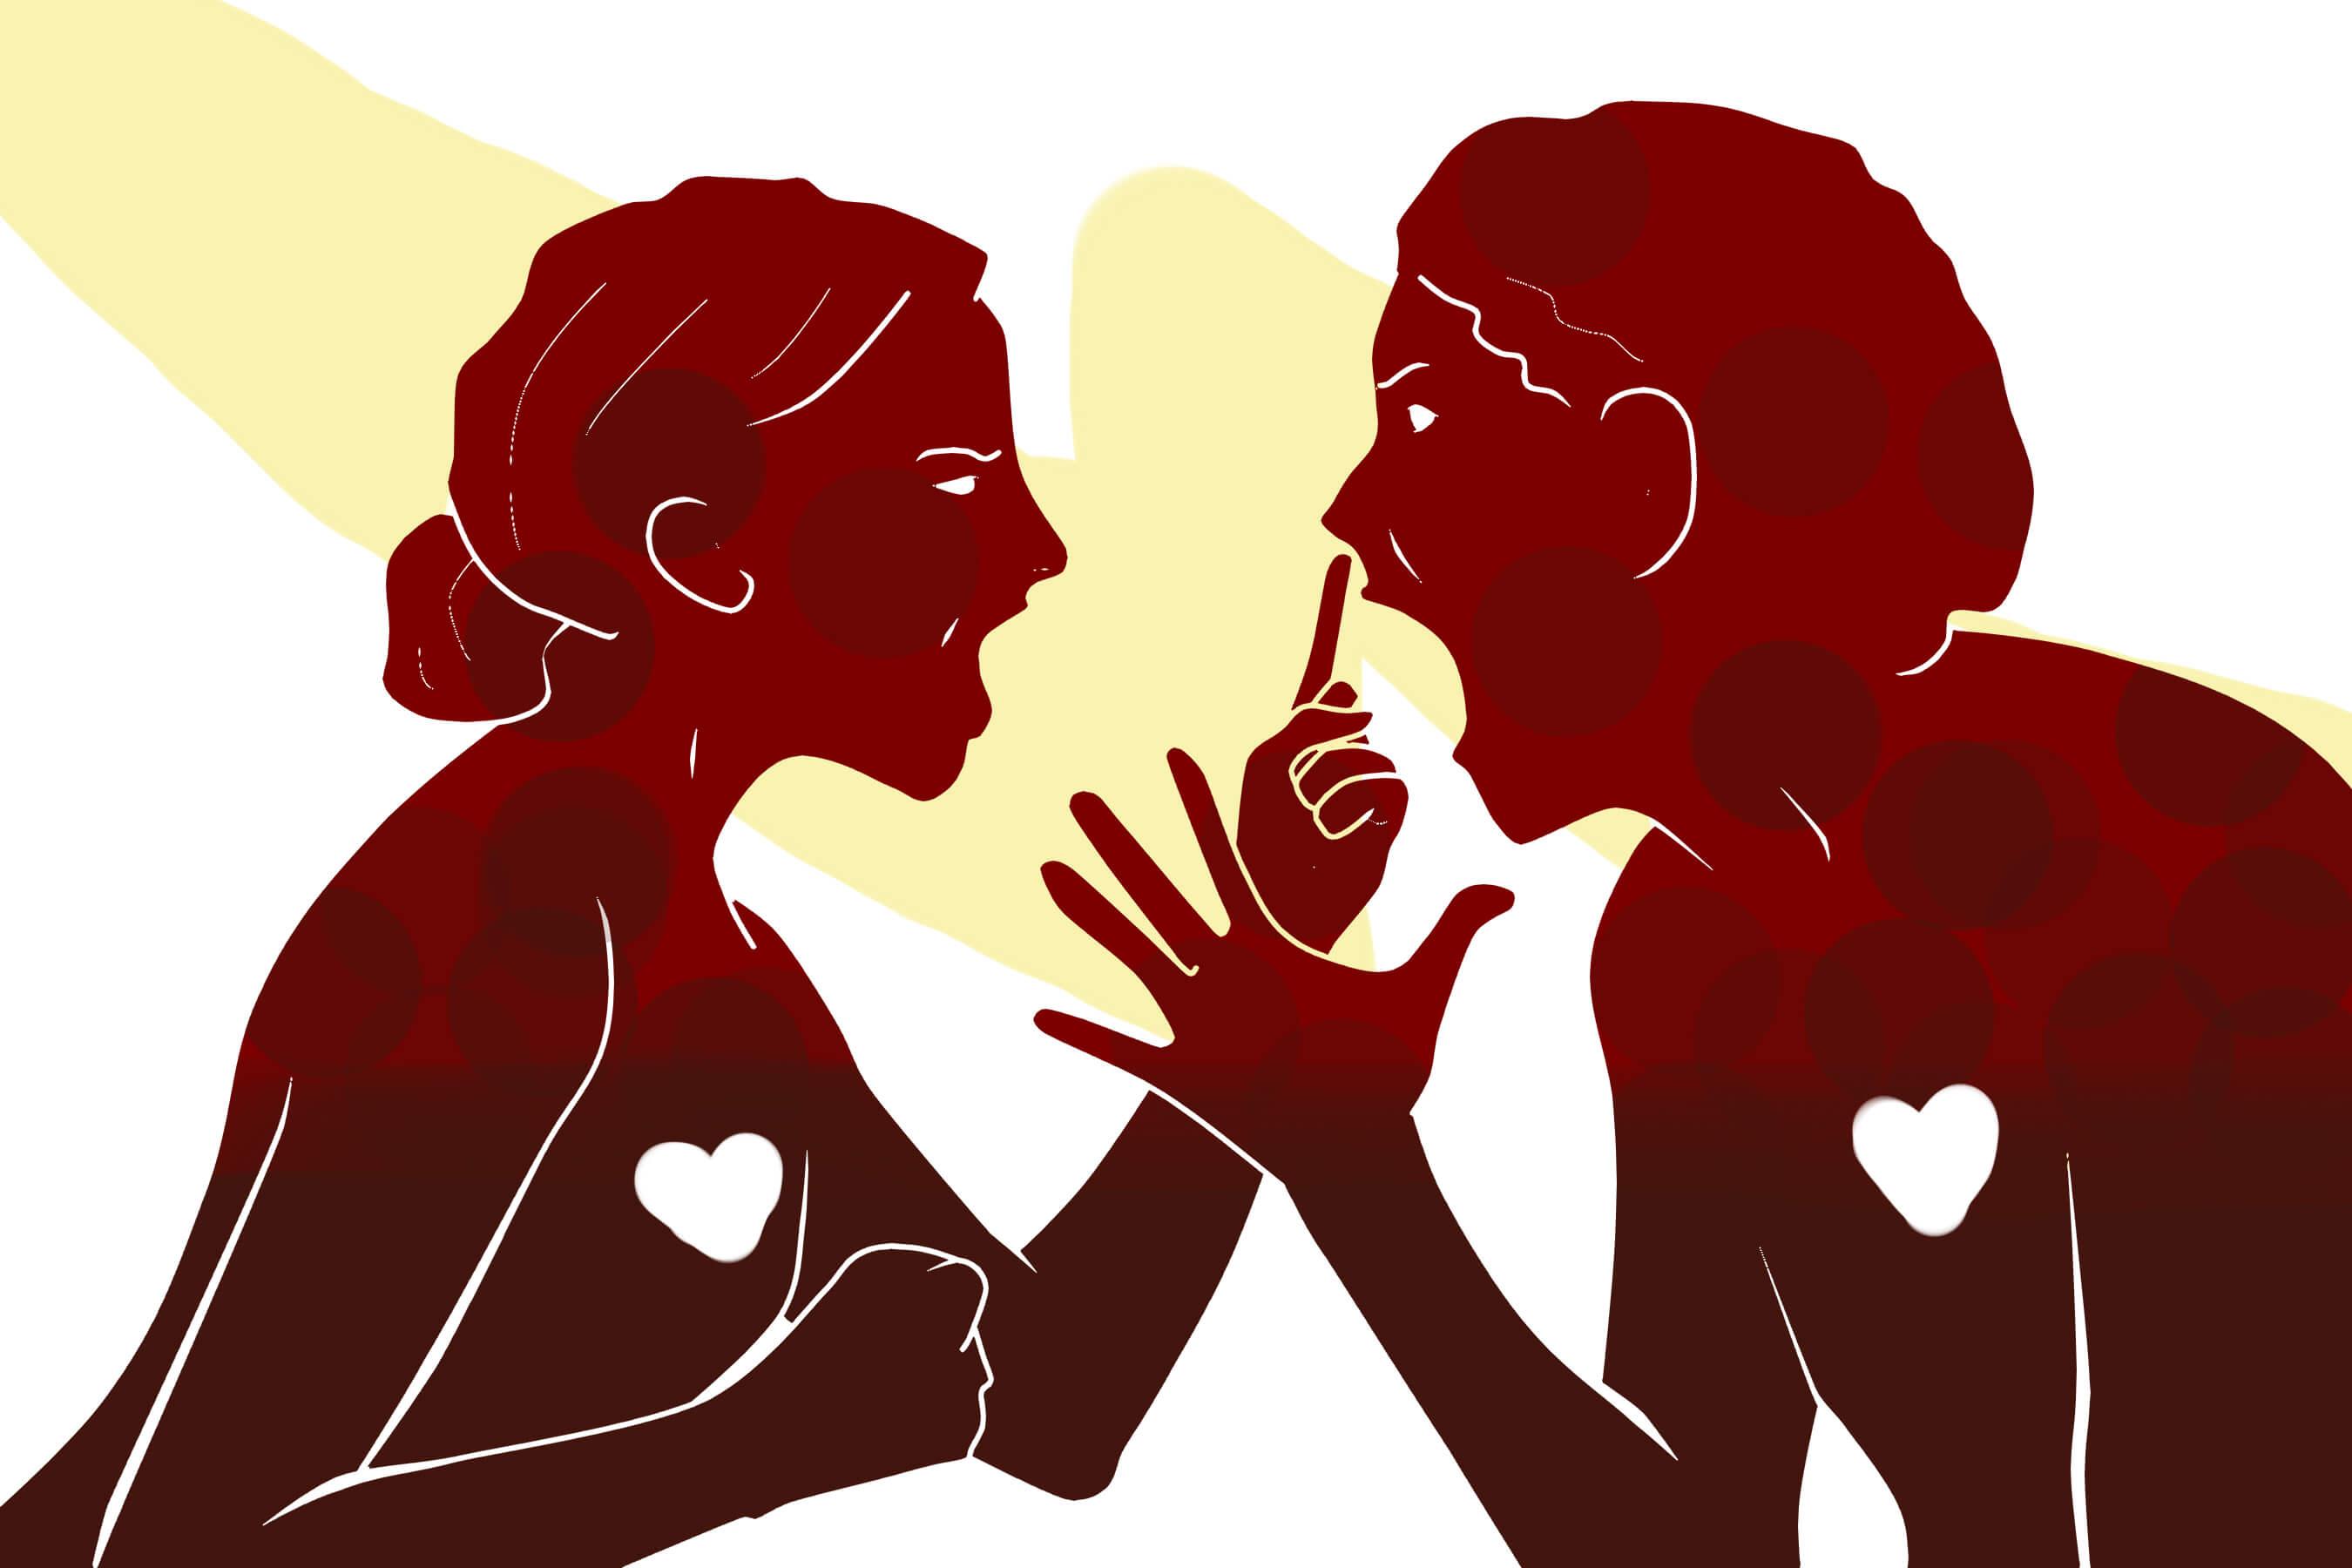 هل تعلمين أن المشاجرات الزوجية تضر بالصحة النفسية للزوجين؟